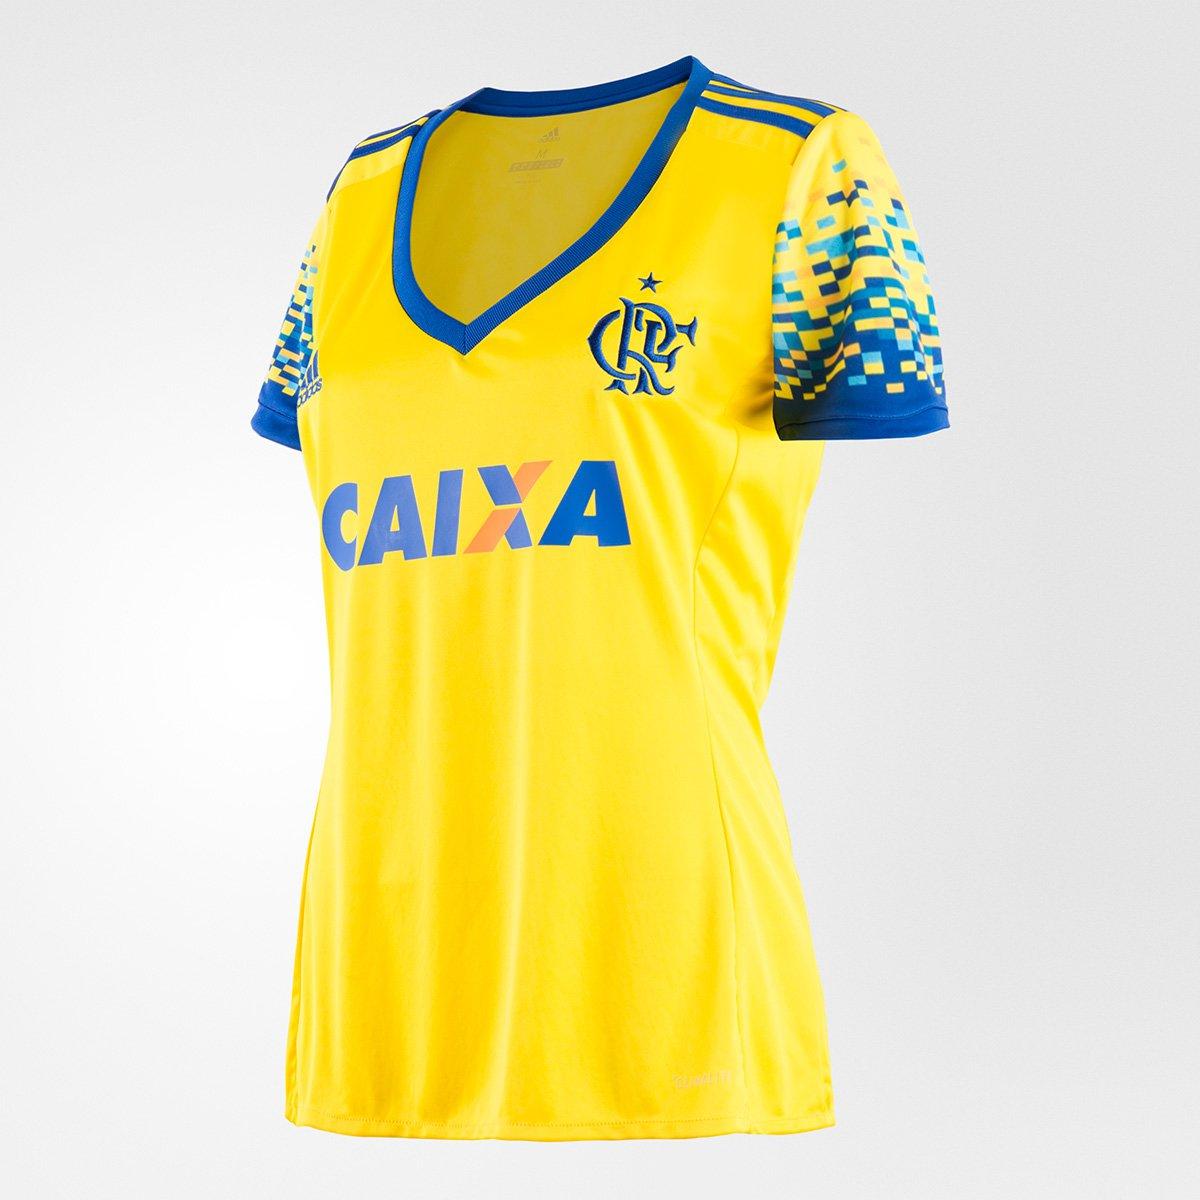 Camisa Flamengo III 17 18 s nº Torcedor Adidas Feminina 02d0e15361f6c